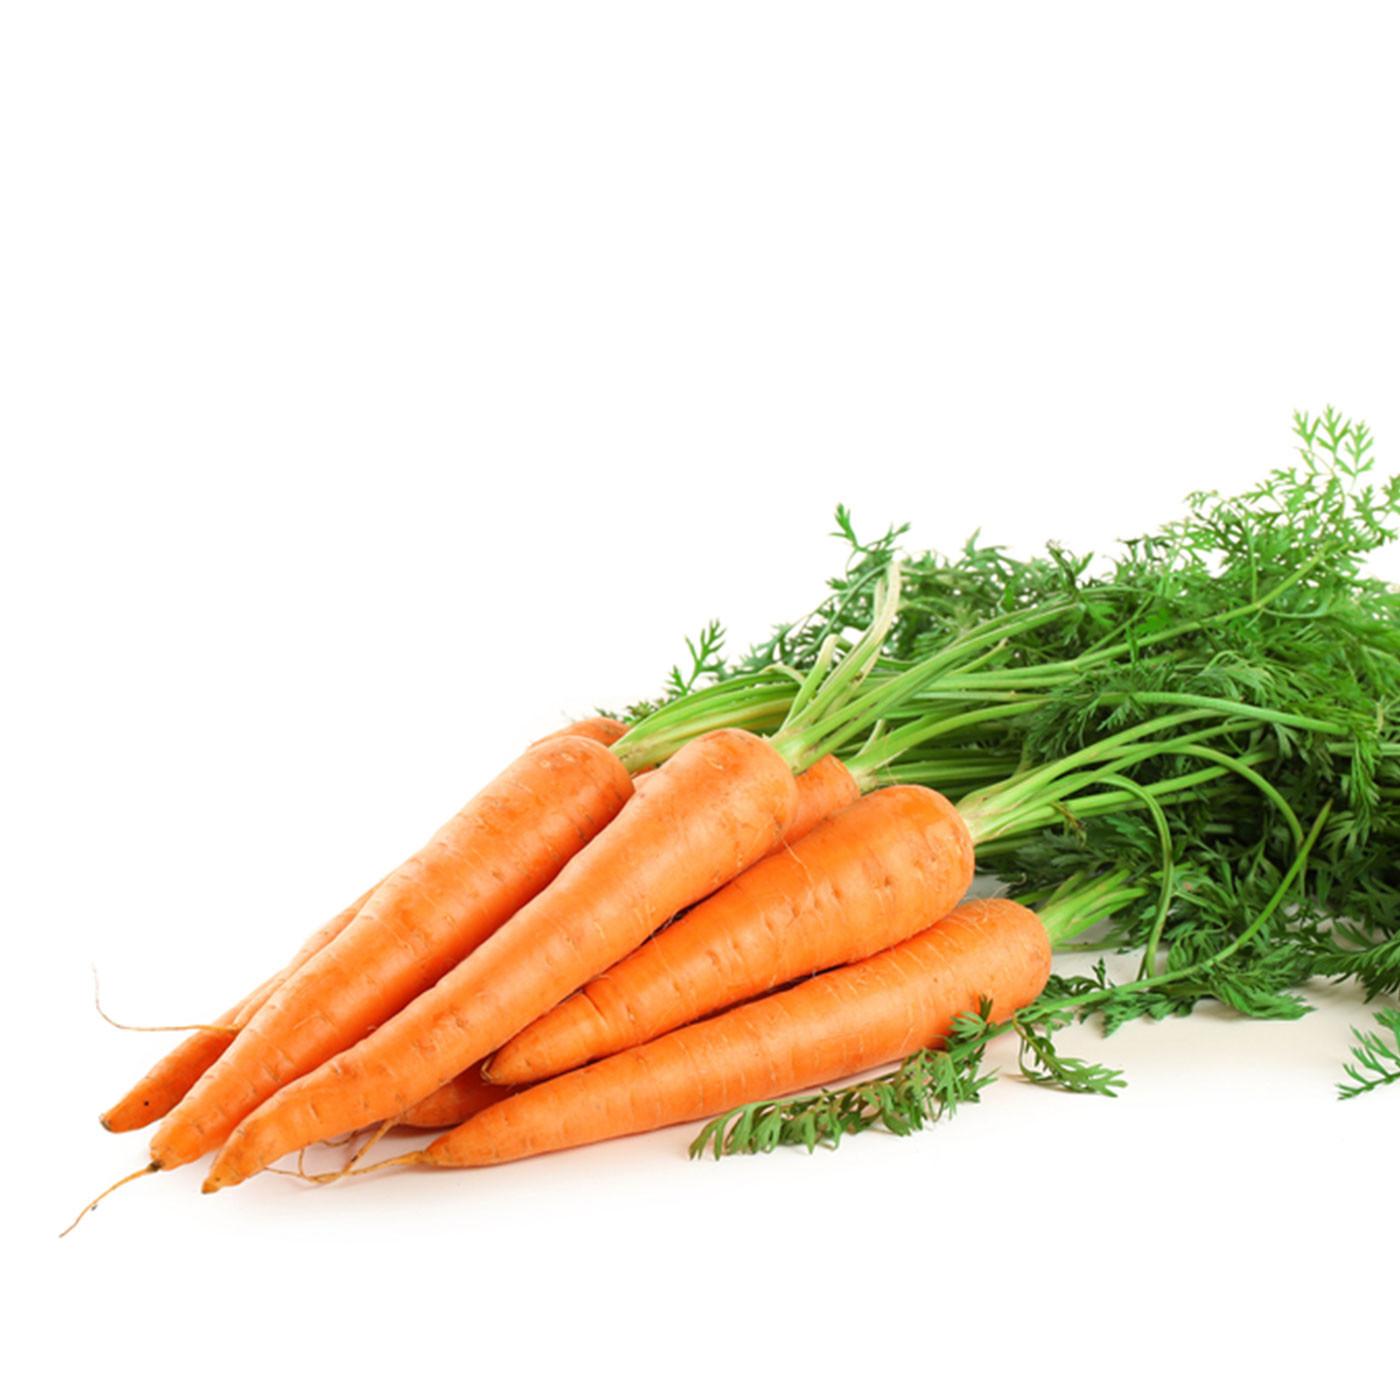 Καρότα με φύλλο Καλαμάτας